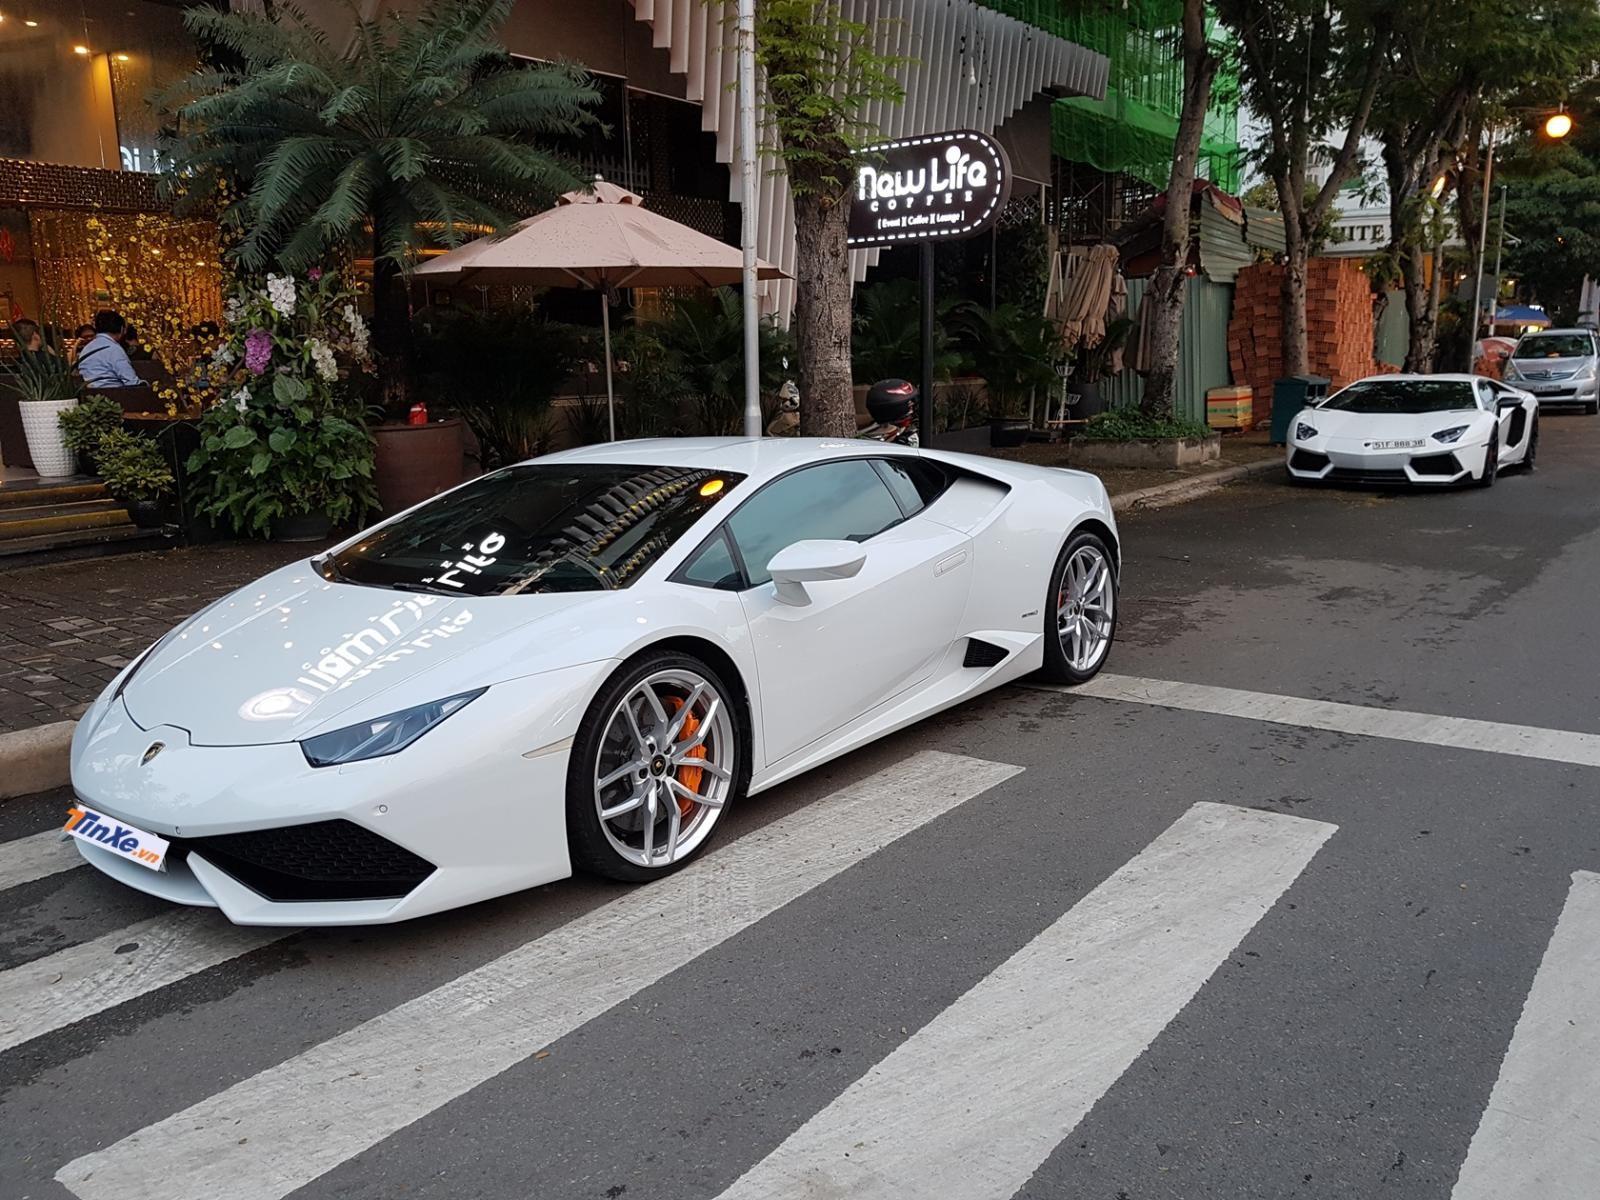 Chiếc siêu xe Lamborghini Huracan LP610-4 hàng lướt tại Việt Nam được rao bán 11,5 tỷ đồng